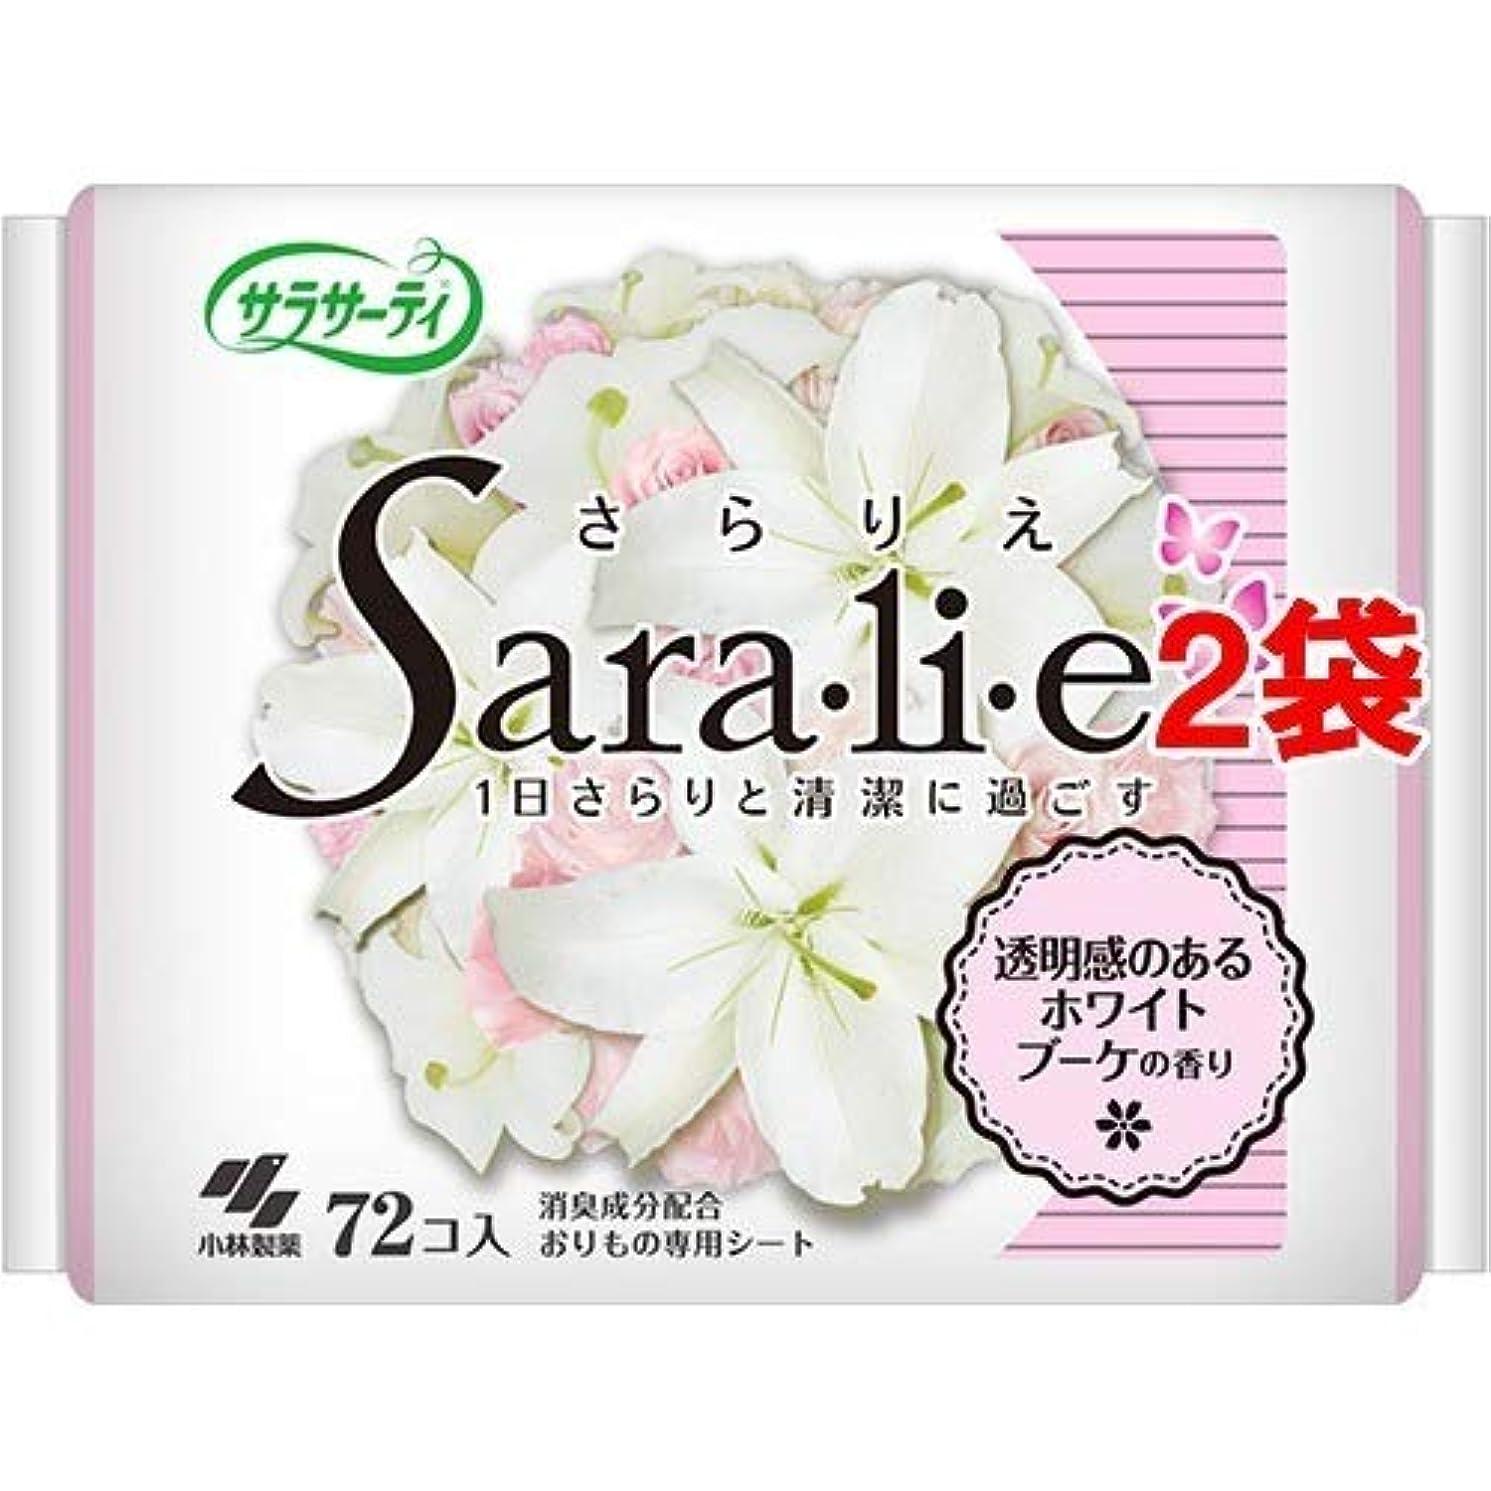 最悪交換もっともらしいサラサーティ サラリエ ホワイトブーケの香り(72枚入*2袋セット) 日用品 生理用品 パンティーライナー [並行輸入品] k1-62983-ak